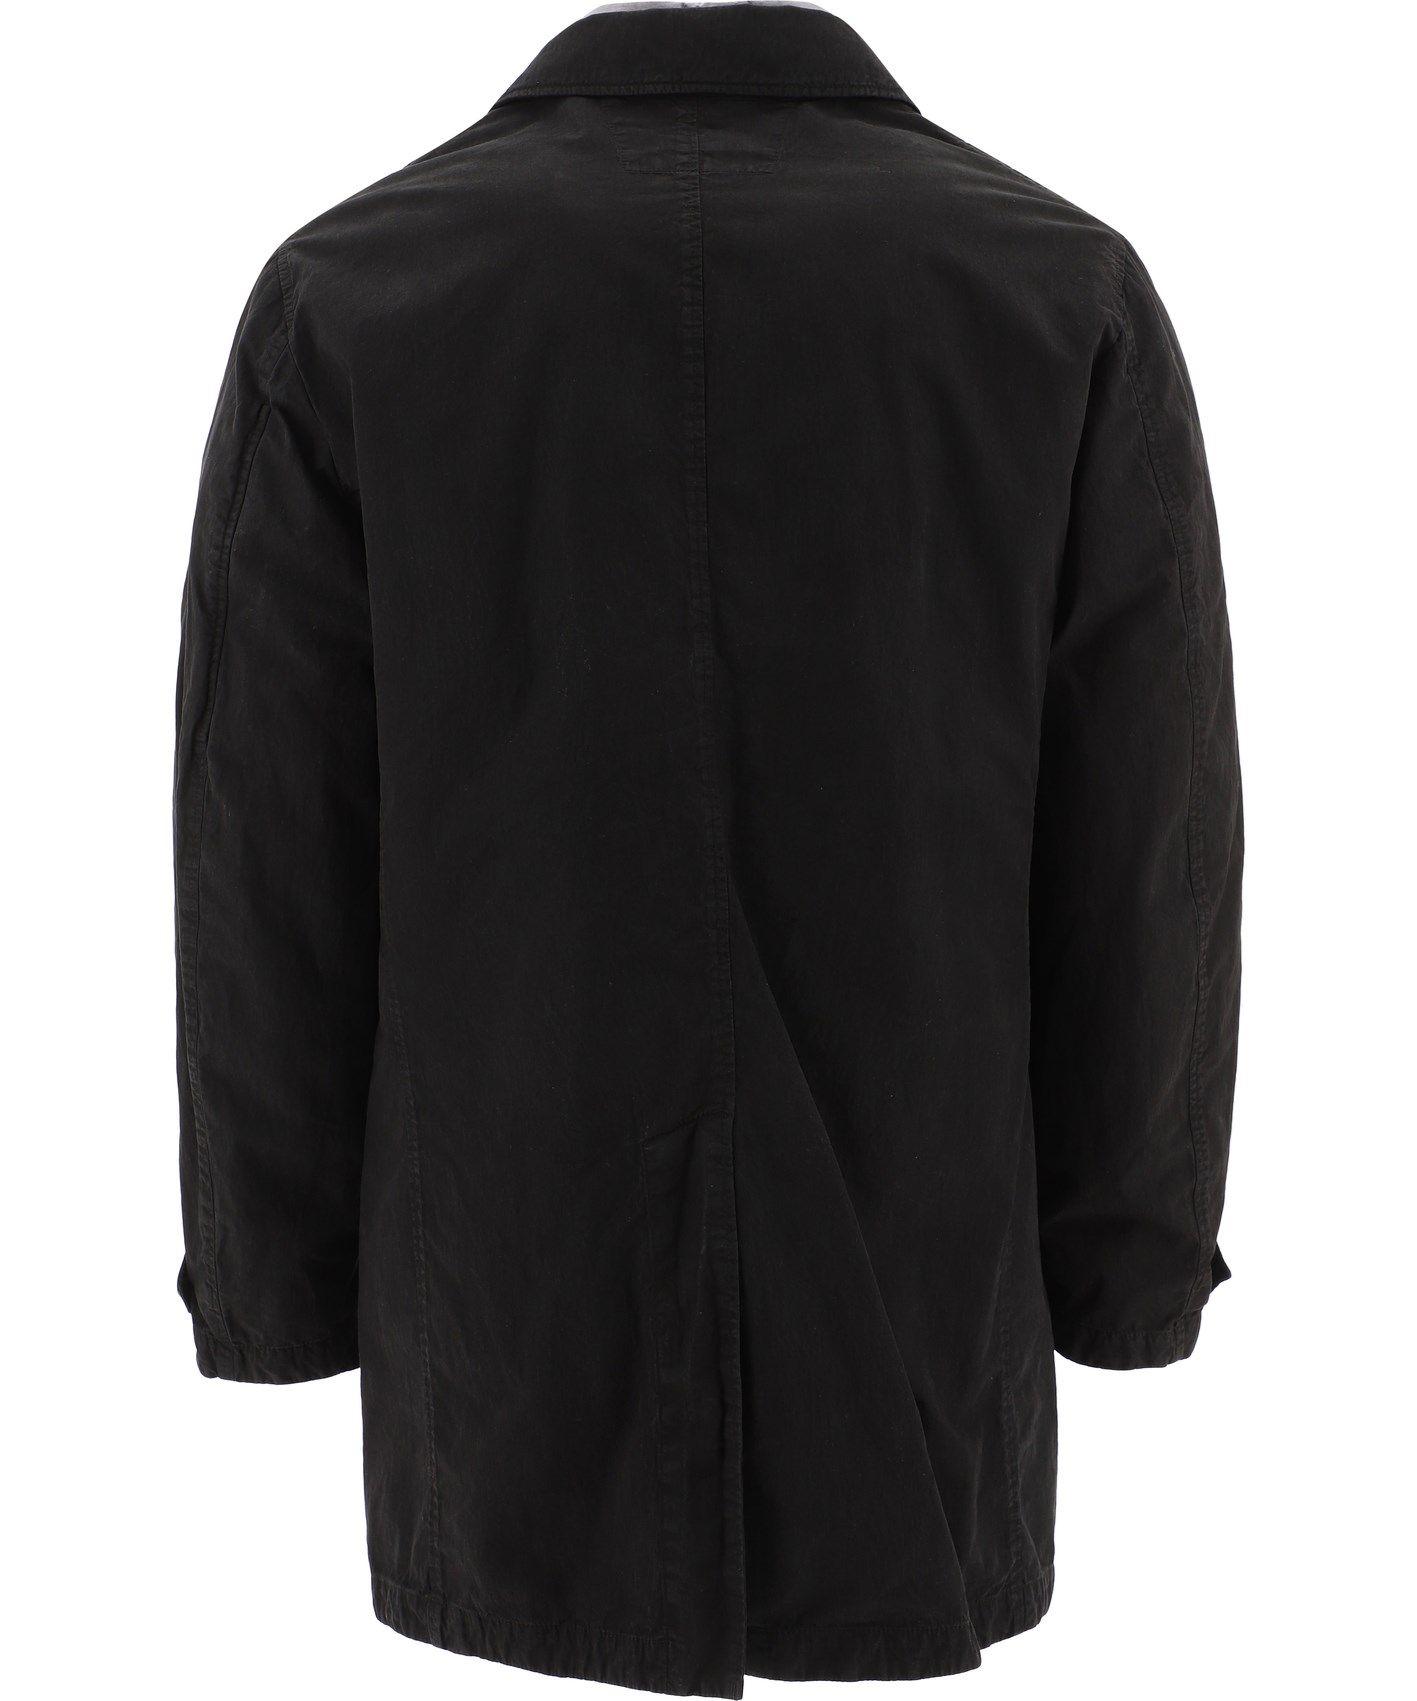 C.P. COMPANY Coats CP COMPANY MEN'S BLACK OTHER MATERIALS COAT